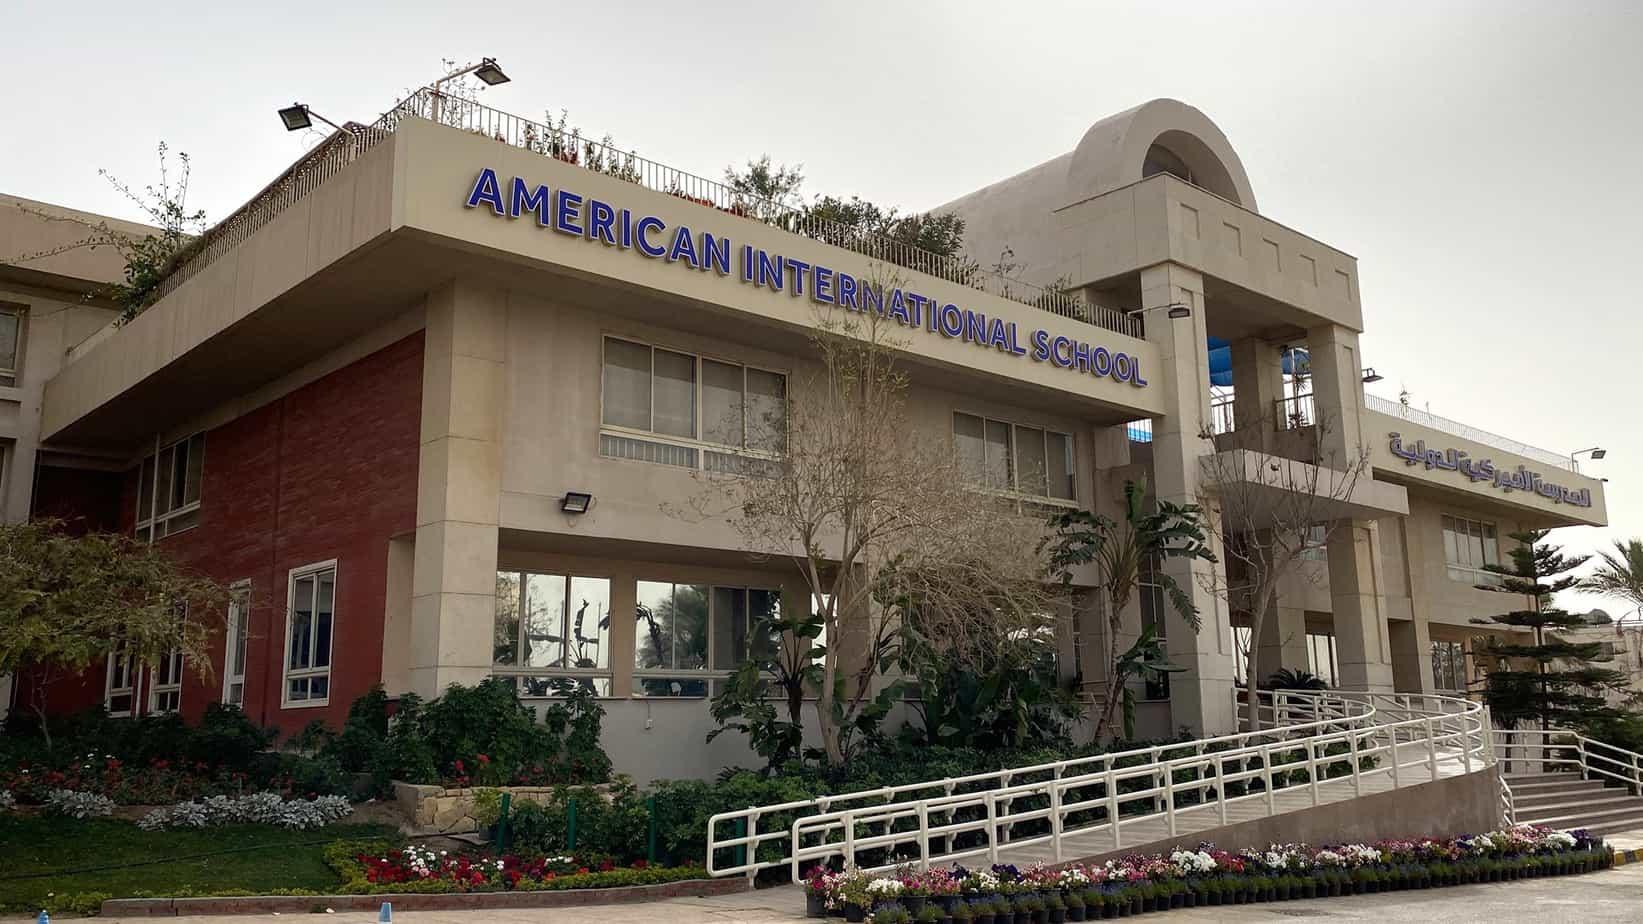 المدرسة الأمريكية الدولية القاهرة - The American International School Cairo